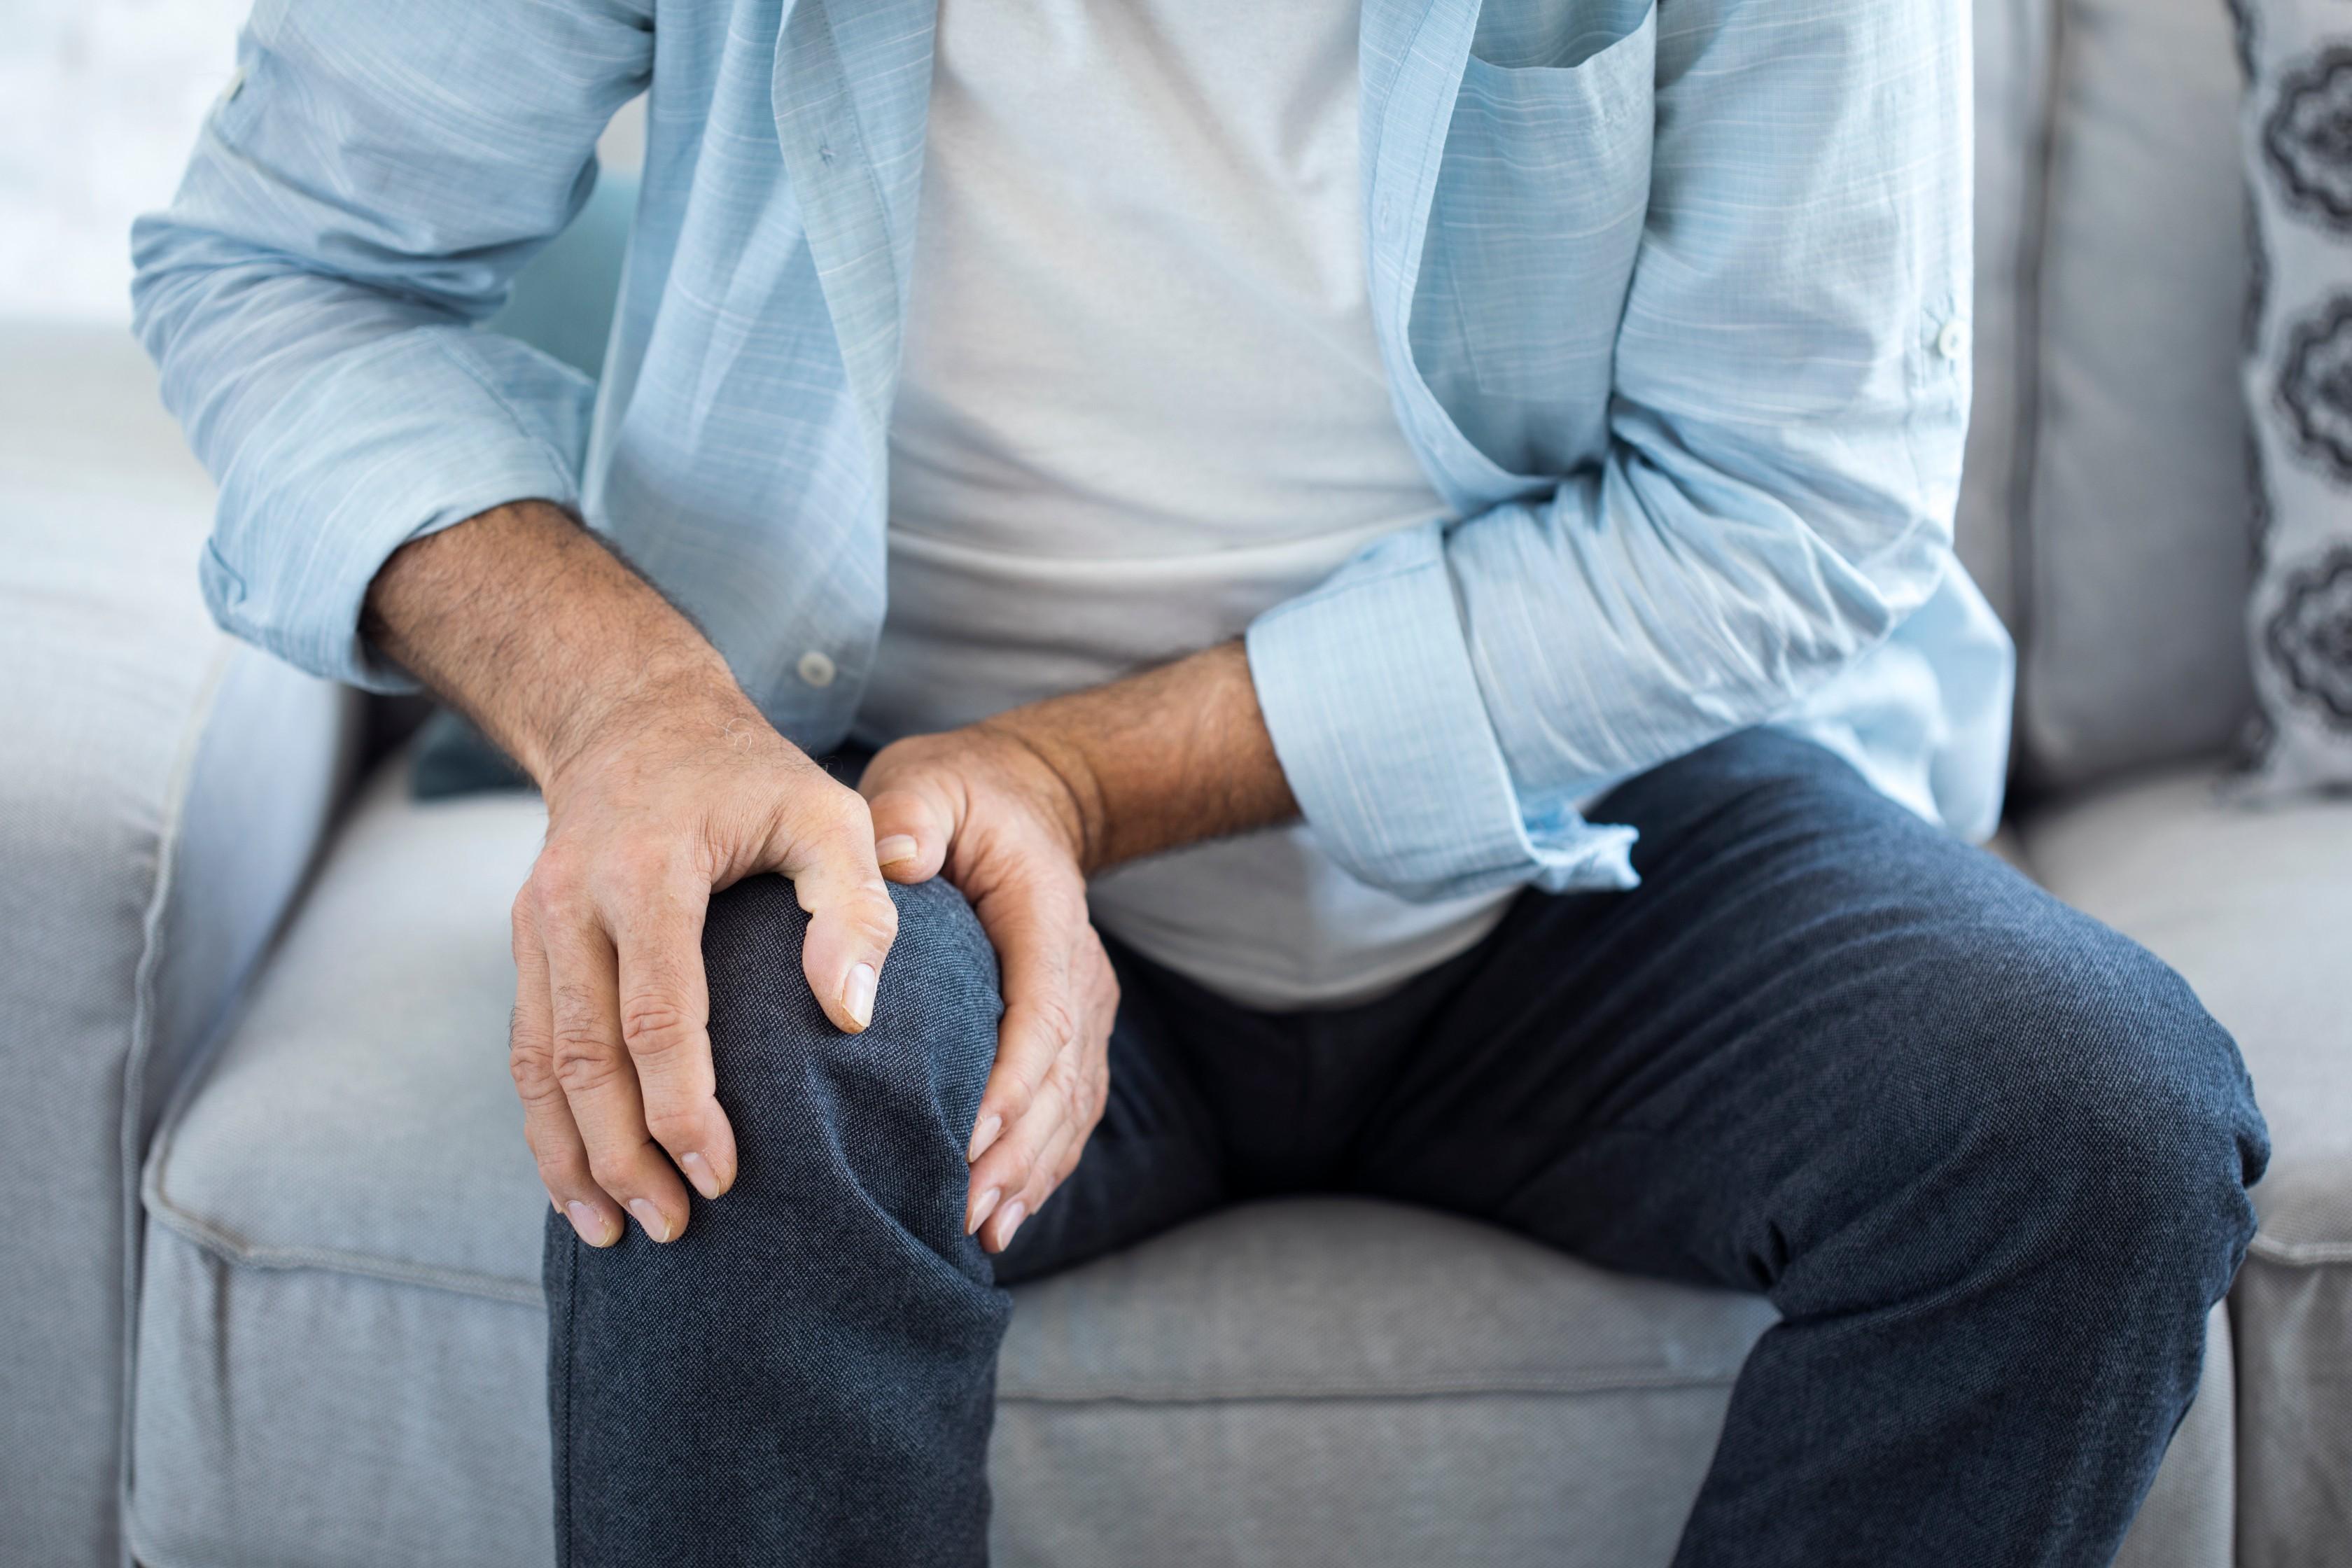 éles fájdalom, ha a boka ízületében sétálunk súlyos fájdalom a nyaki ízületekben